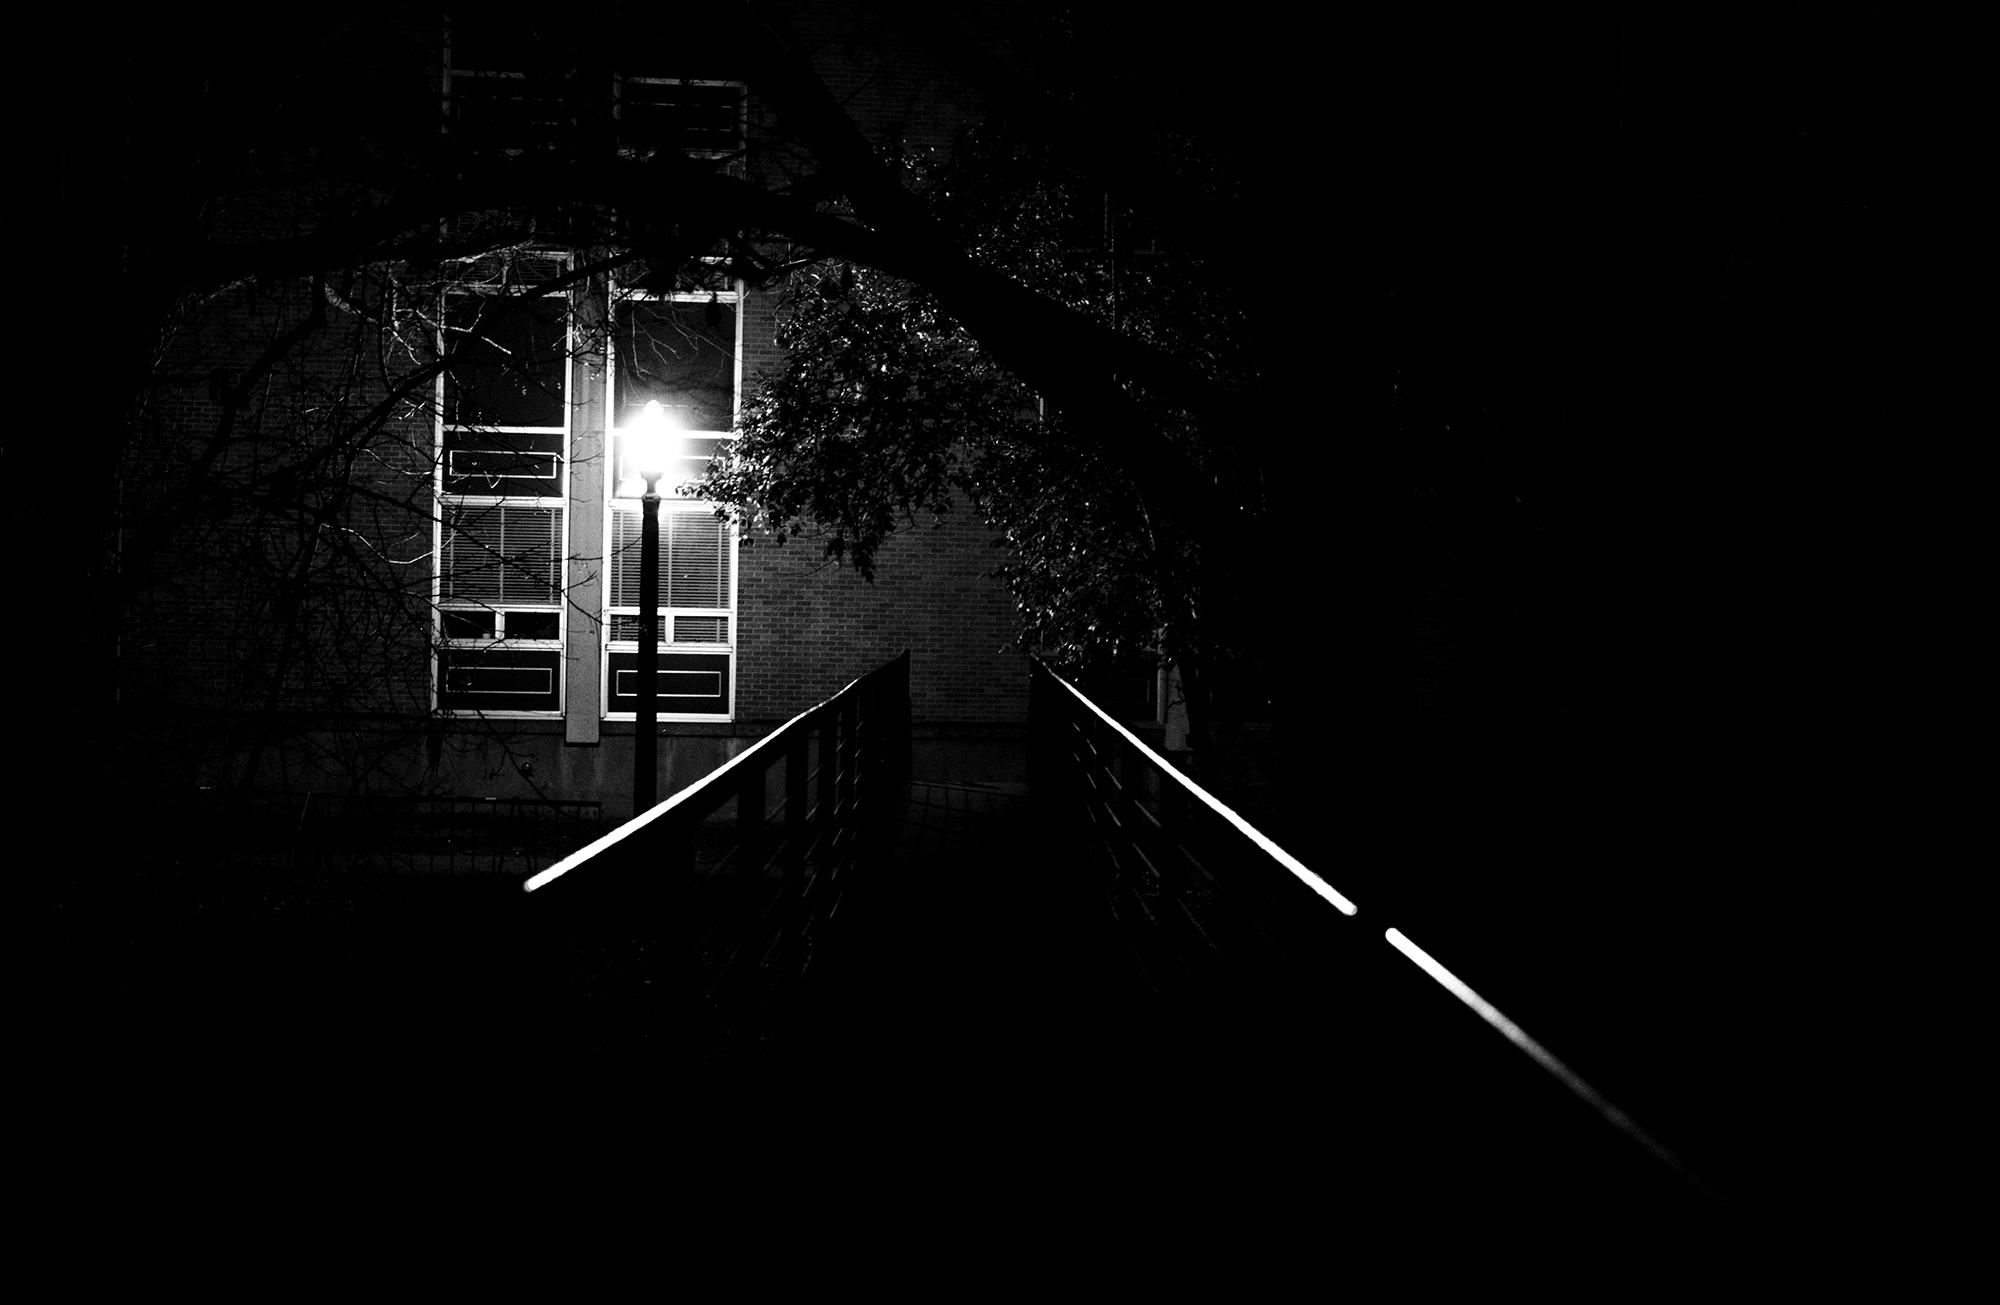 railing-1-finish.jpg